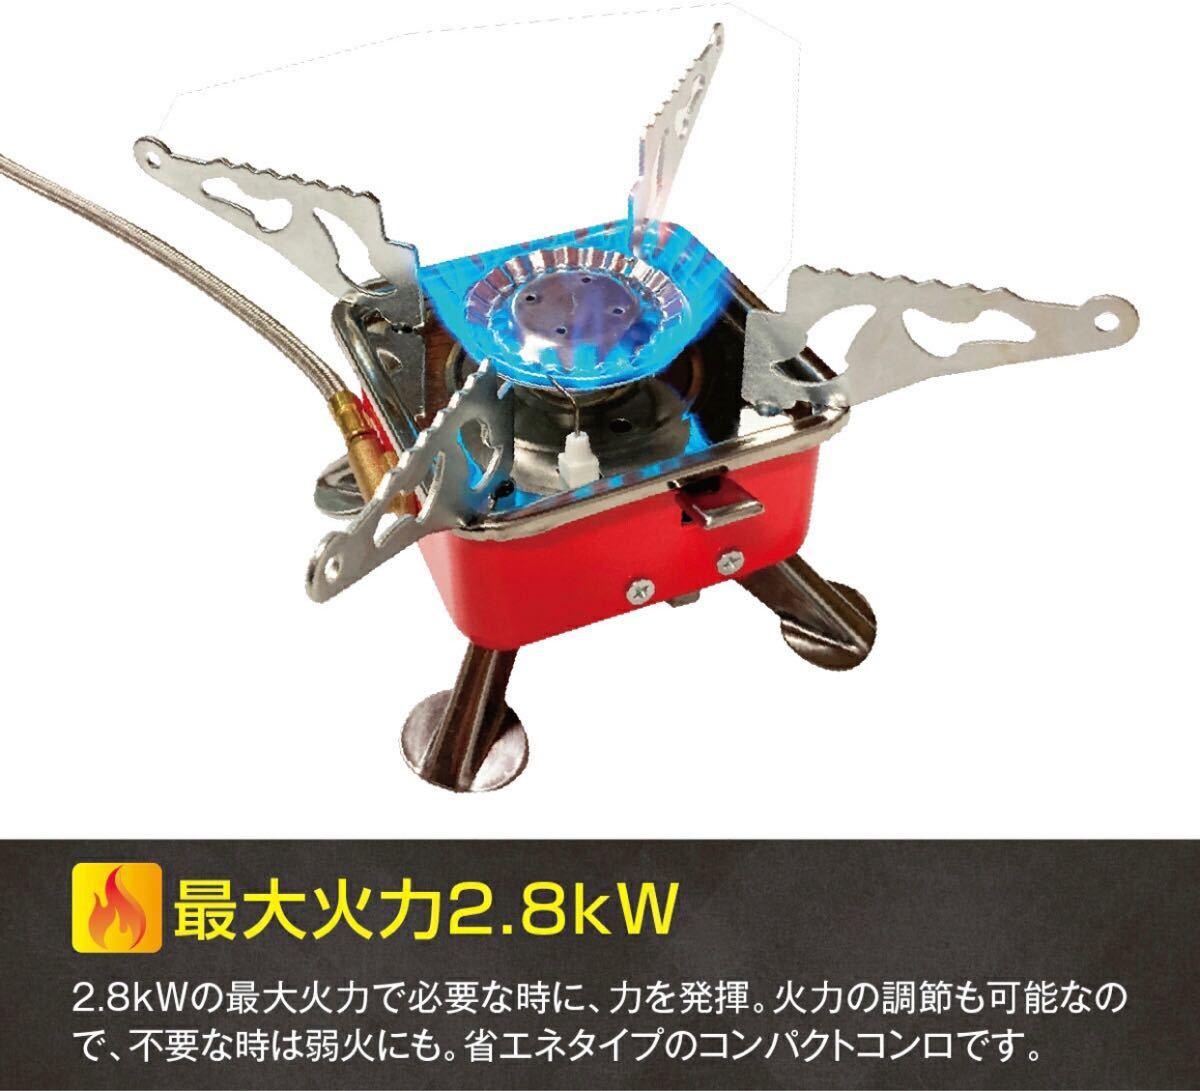 シングルバーナー  キャンプバーナー CB缶/OD缶対応 強力火力 コンパクト 小型 軽量